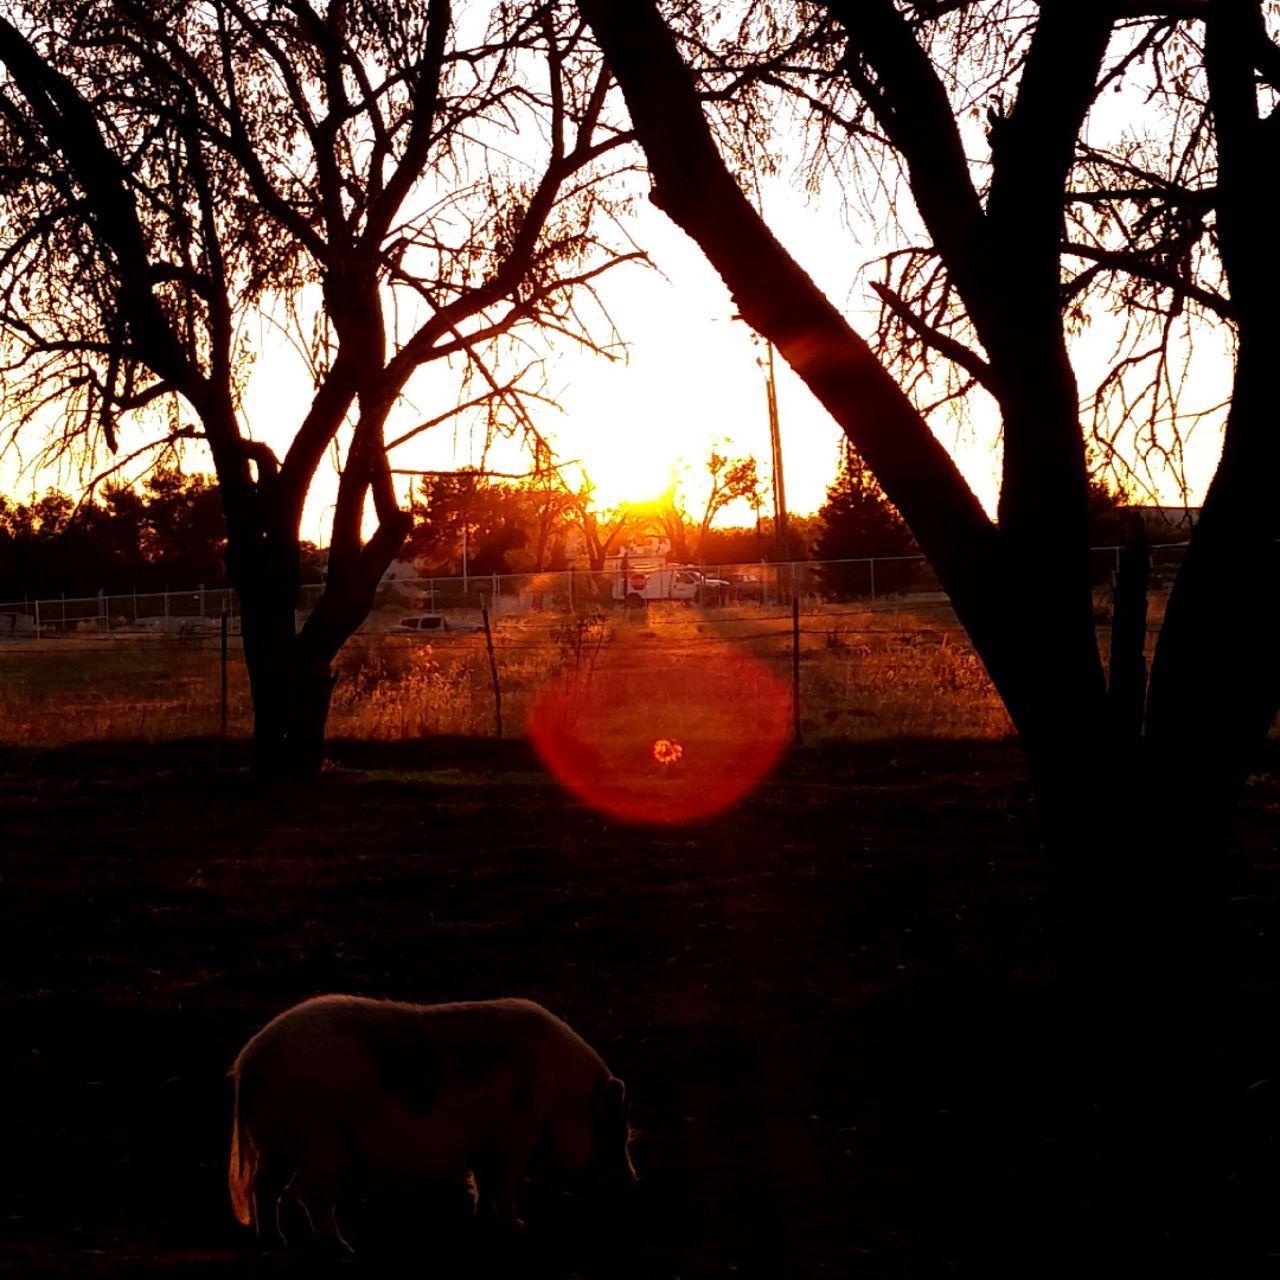 Sunset Pig Silhouette Roseville, CA